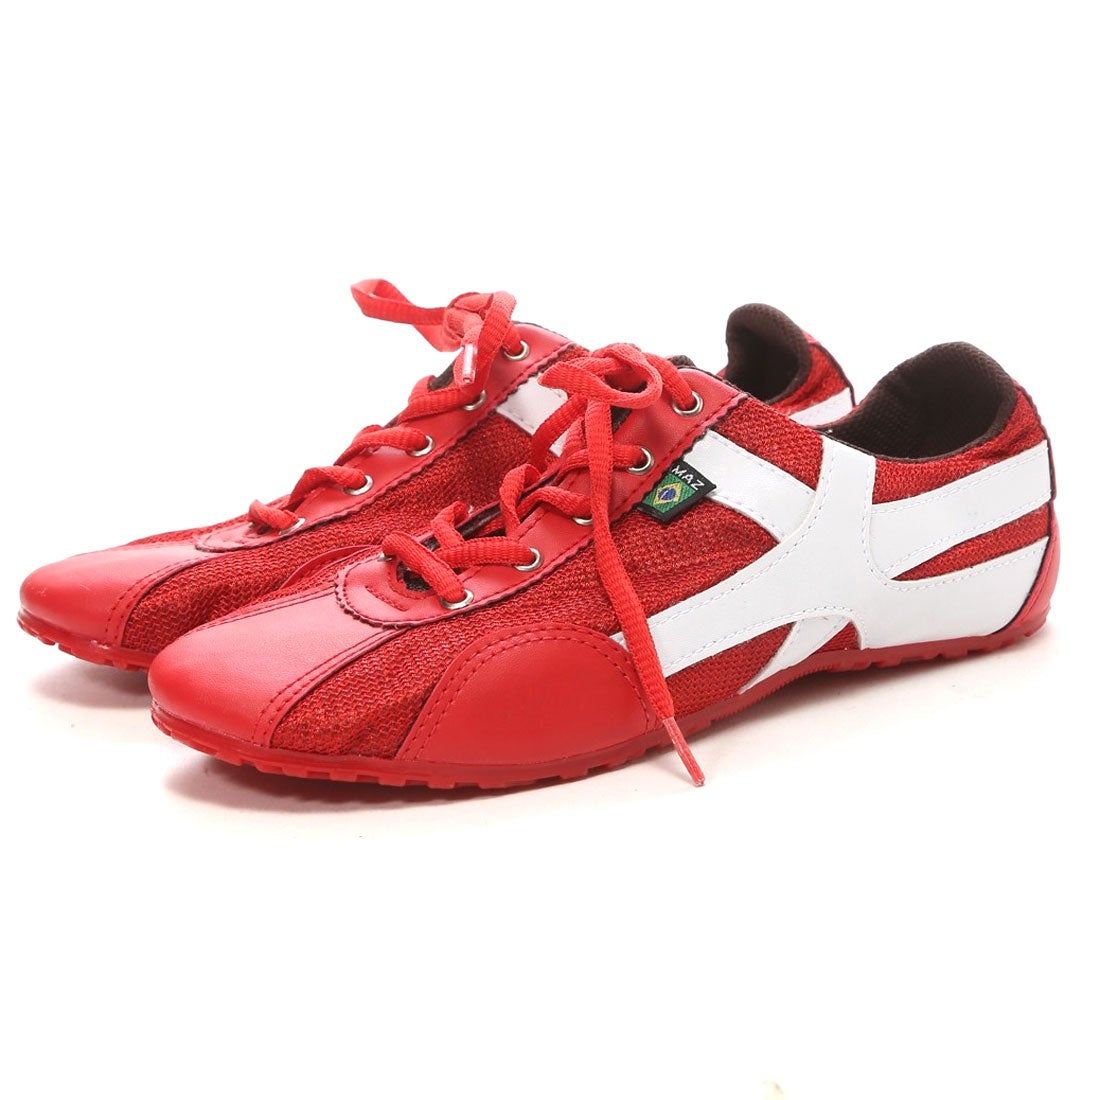 マズ ブラジル MAZ Brasil Classic (Red / Red / White ) レディース メンズ